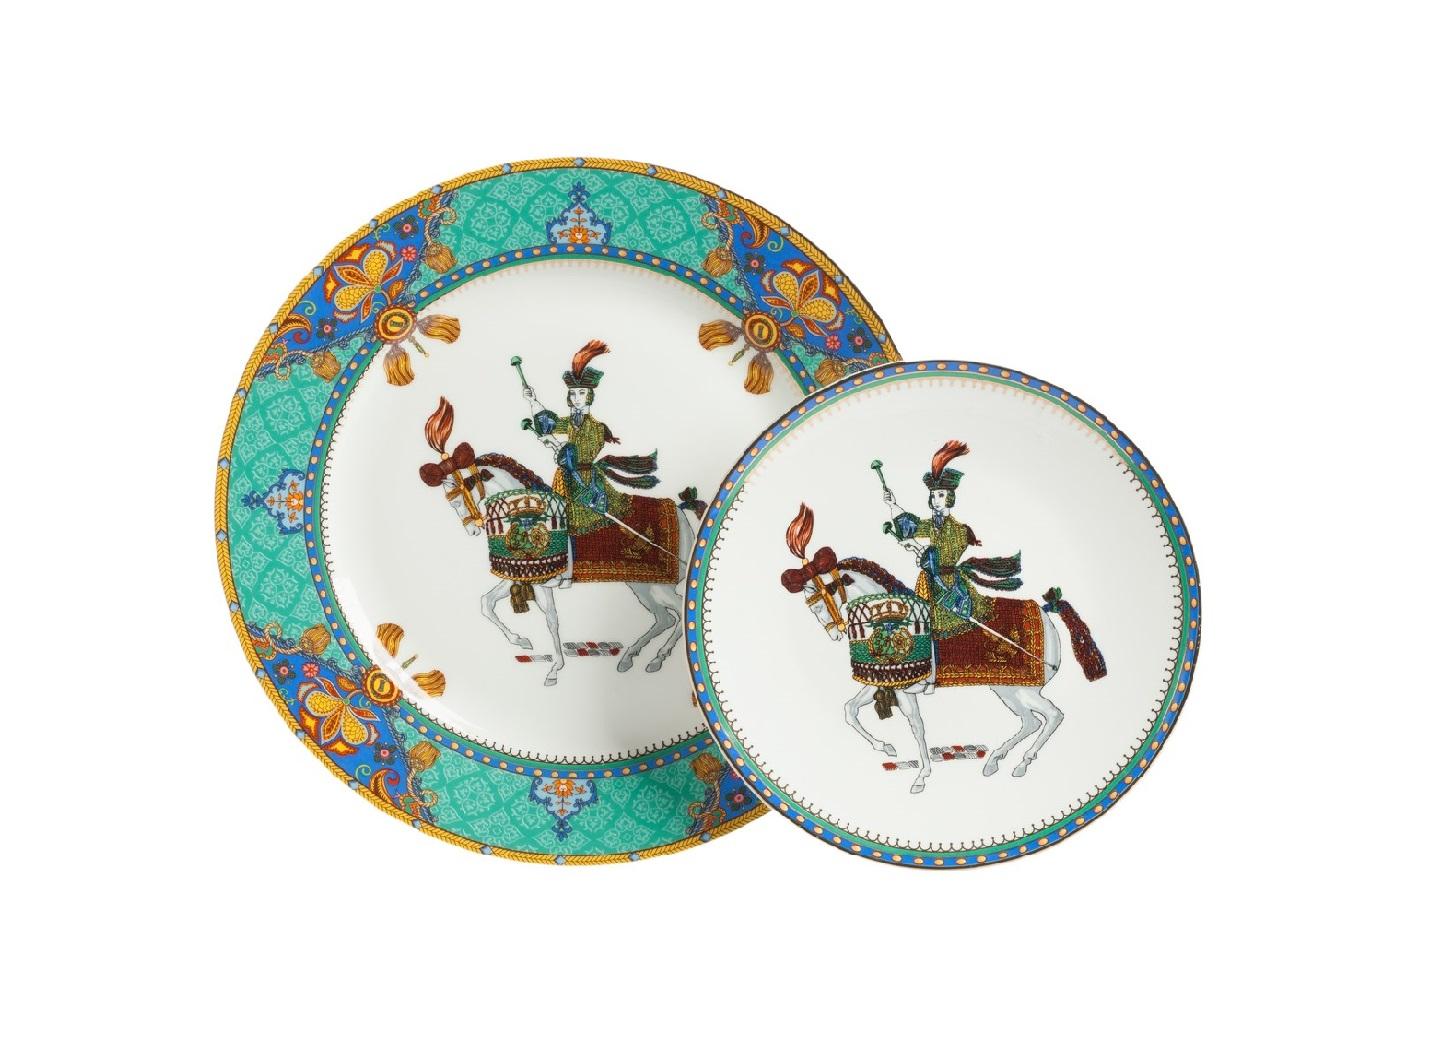 Комплект тарелок Jinete DG-HOMEСервизы и наборы посуды<br>. Бренд - DG-HOME. ширина/диаметр - 255. материал - Костяной фарфор. цвет - Белый, мятный.<br><br>популярные производители: DG-HOME<br>ширина/диаметр: 255<br>материал: Костяной фарфор<br>цвет: Белый, мятный